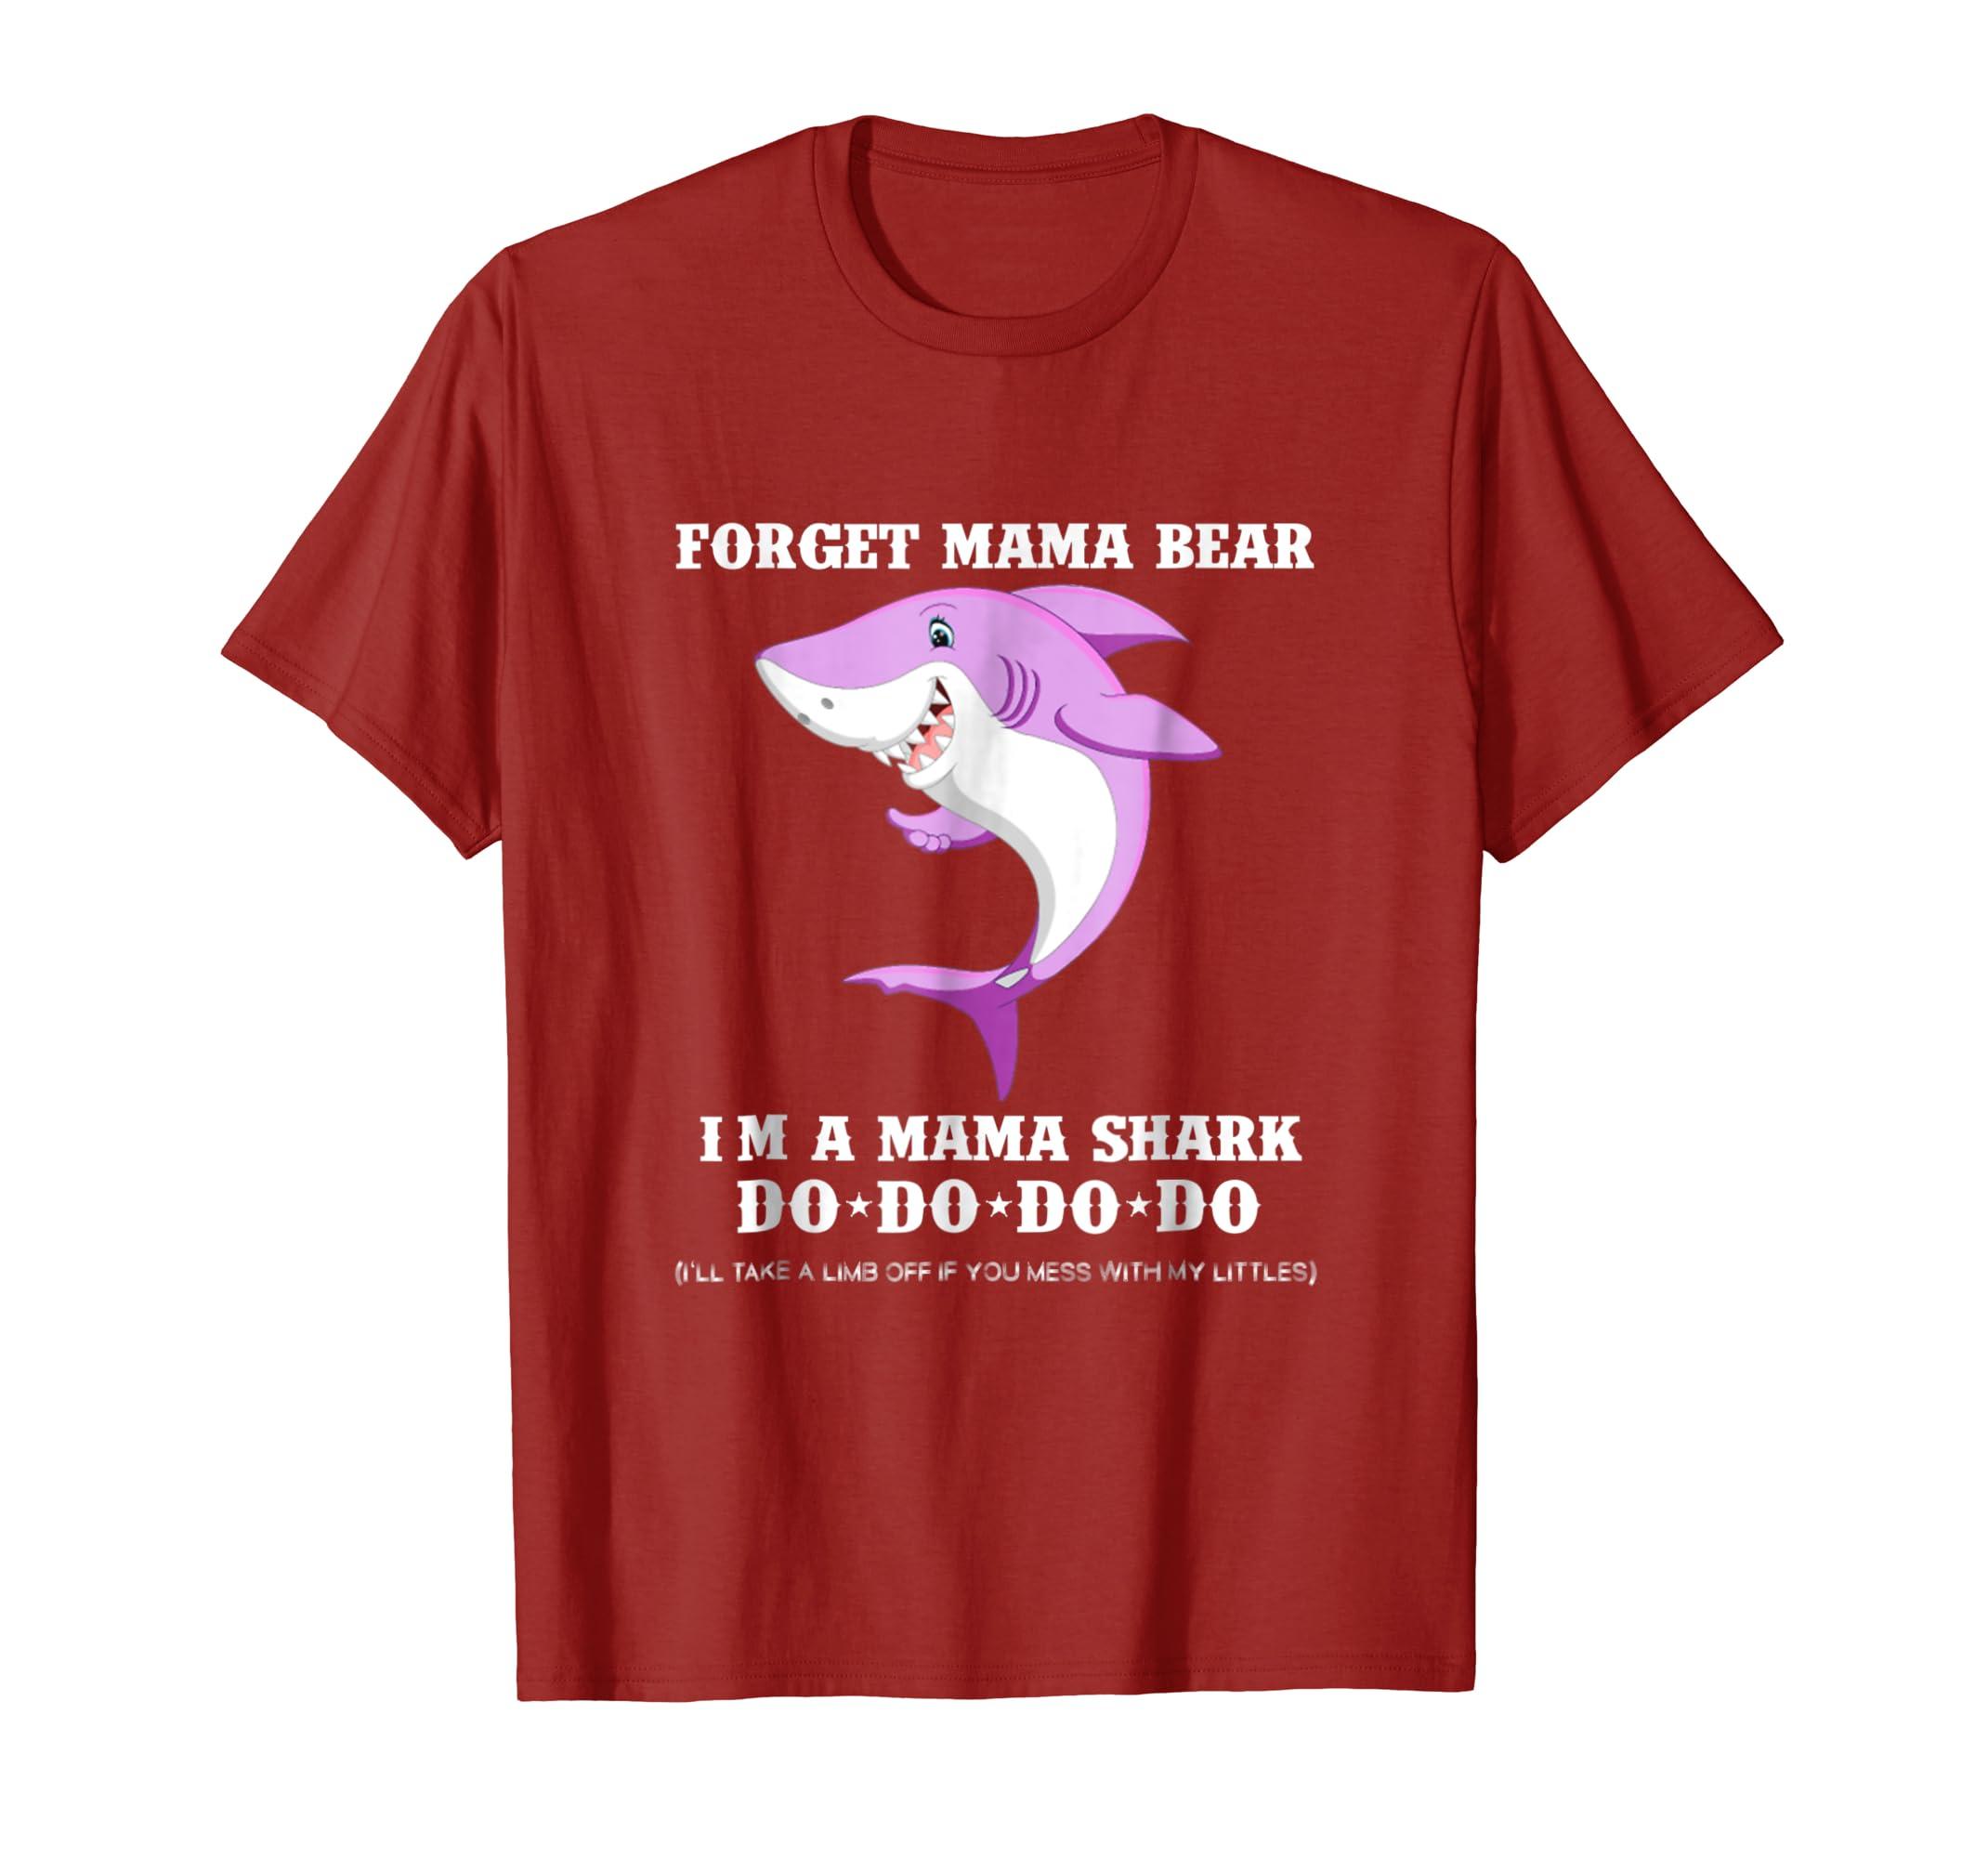 Forget mama bear i'm a mama shark do do do T-Shirt-Awarplus